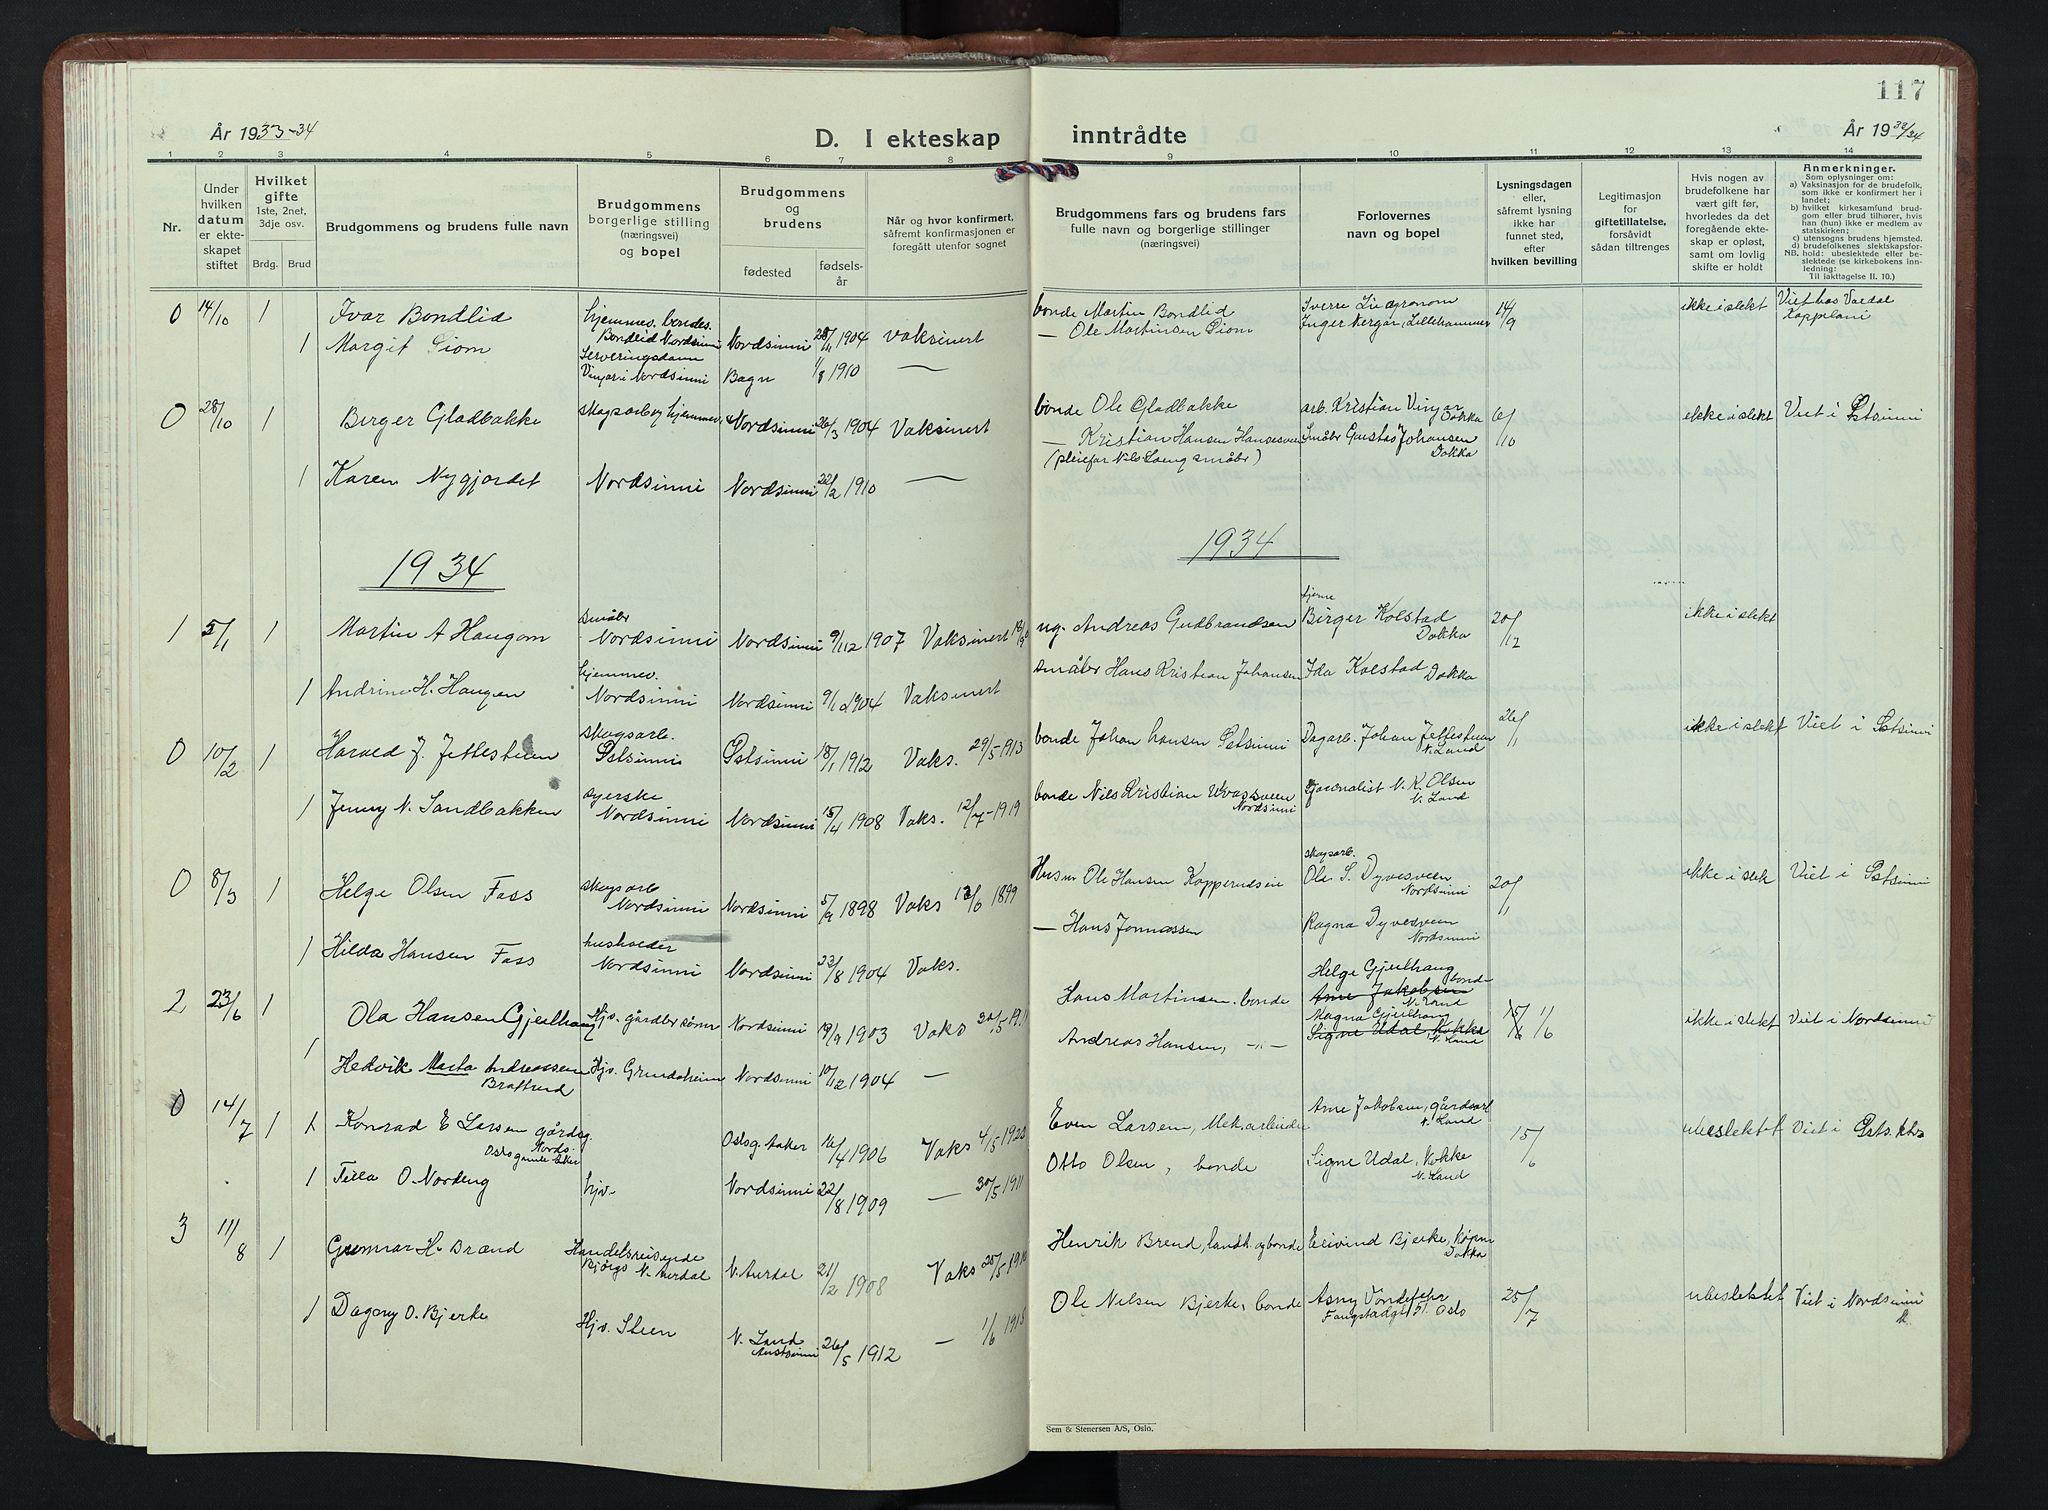 SAH, Nordre Land prestekontor, Klokkerbok nr. 7, 1930-1953, s. 117